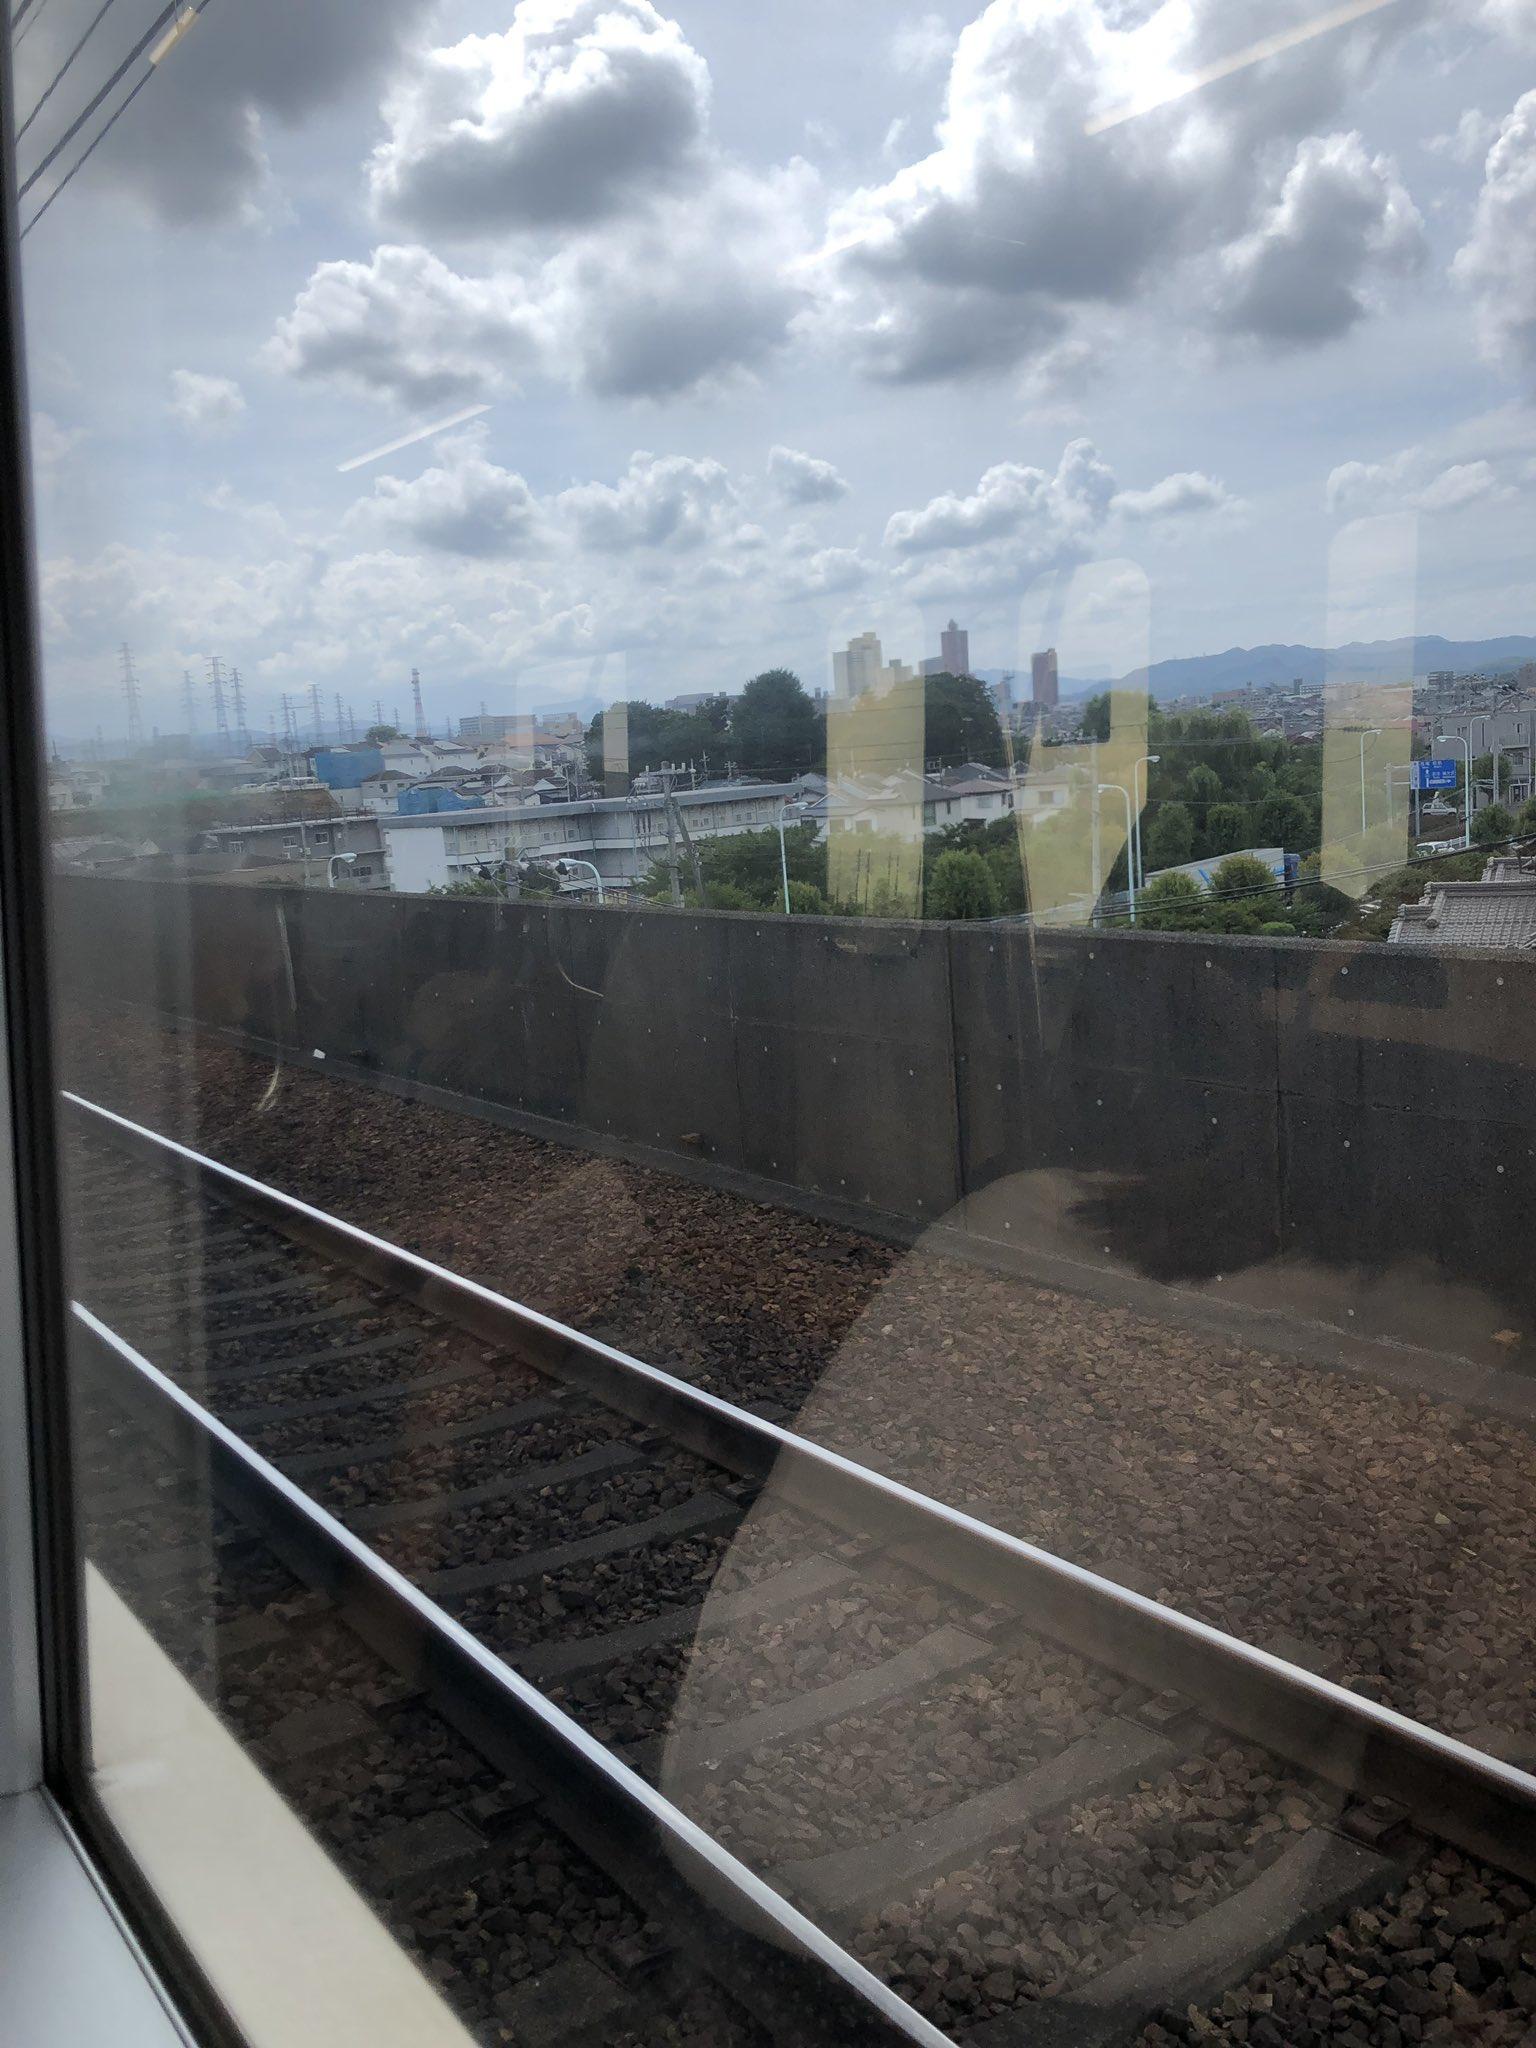 京王相模原線の多摩境駅で人身事故が起きた現場の画像